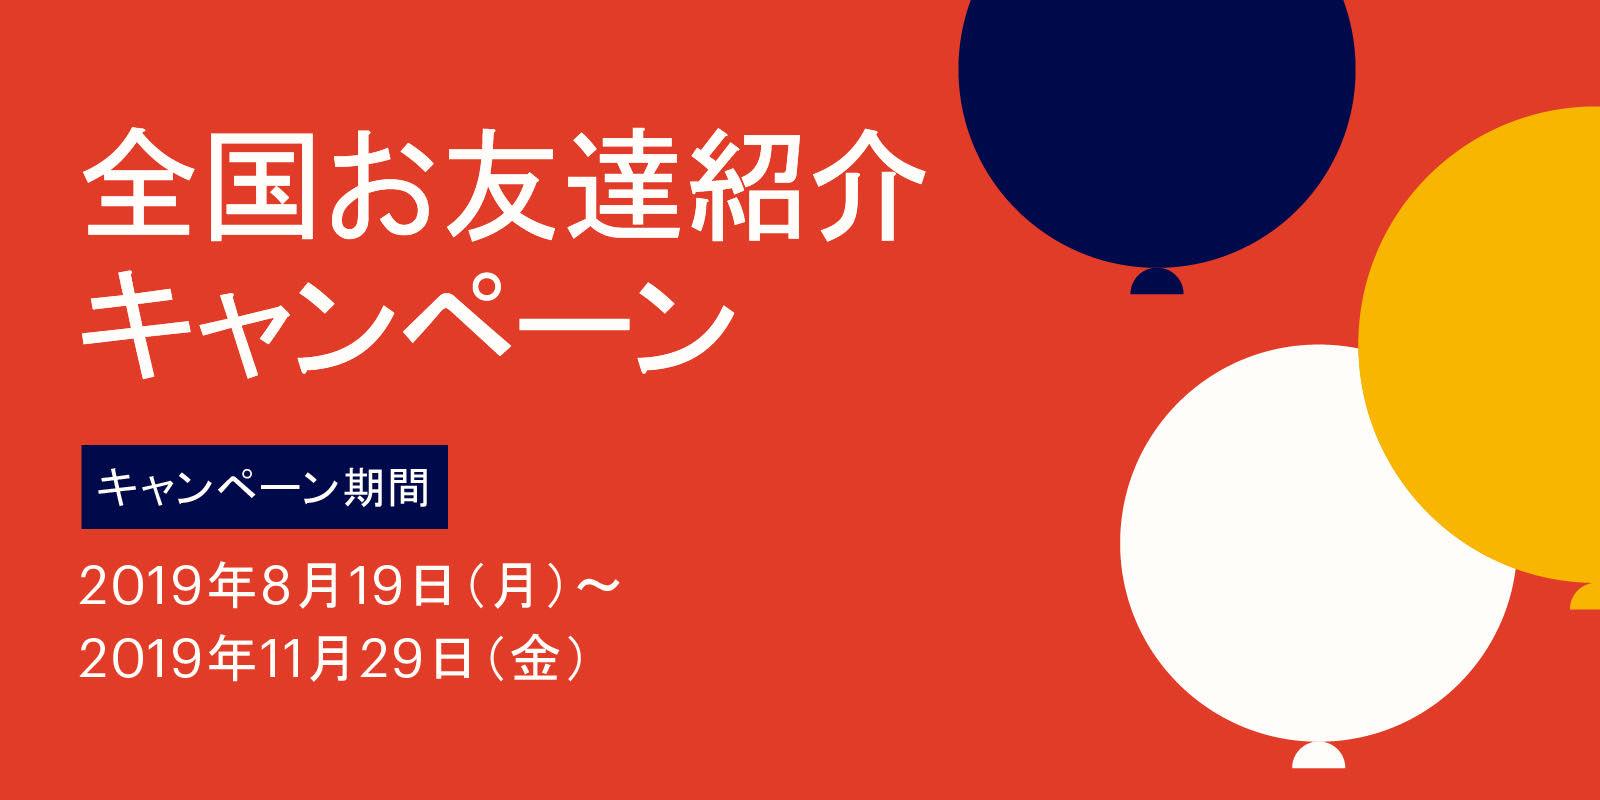 全国お友達紹介キャンペーン